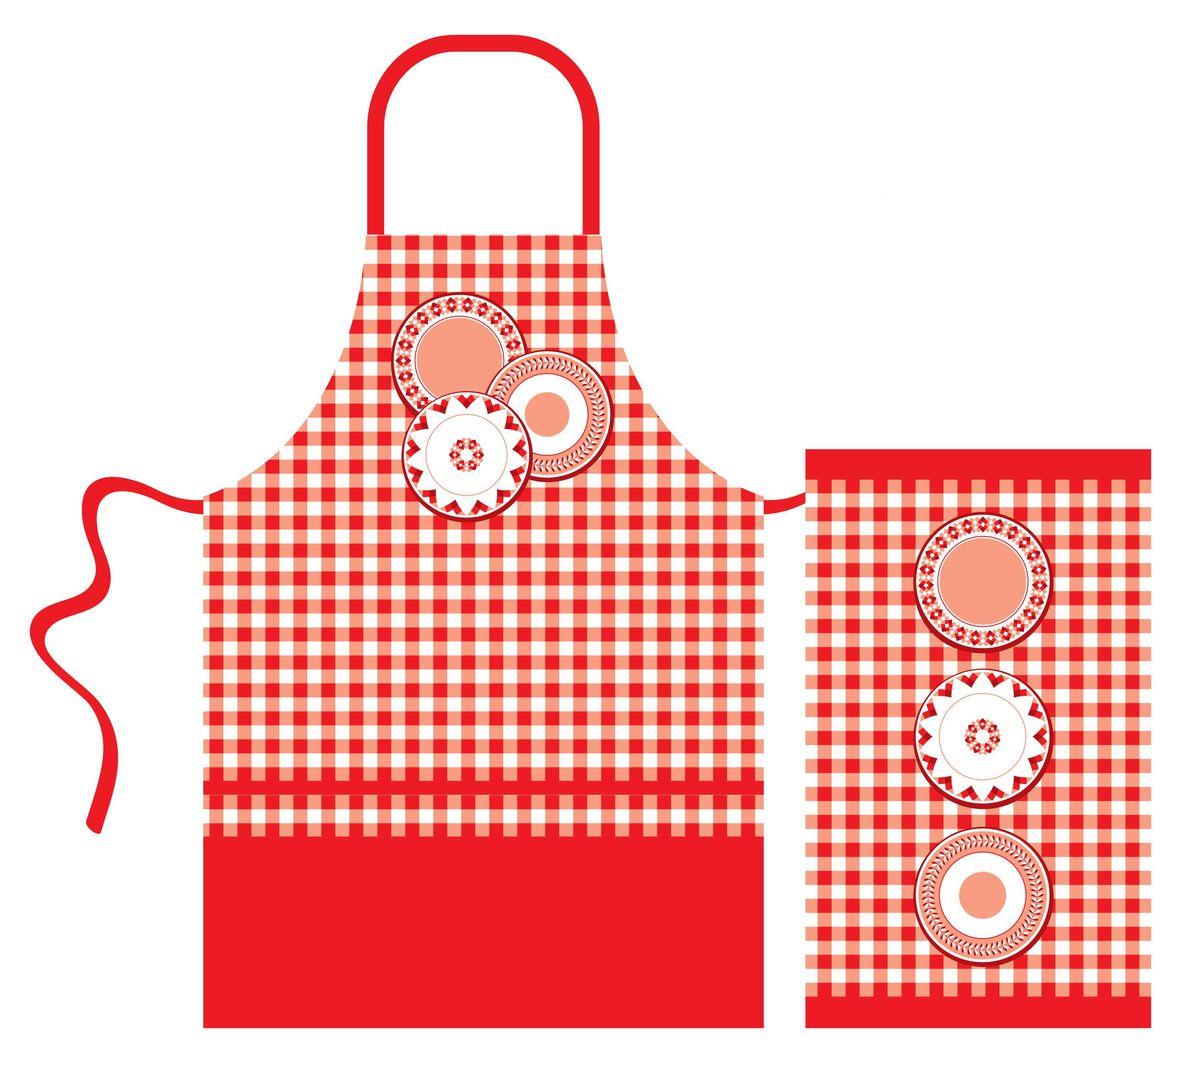 Набор кухонного текстиля Red kitchen67419Набор кухонного текстиля выполнен из хлопка и украшен ярким красно-белым принтом.